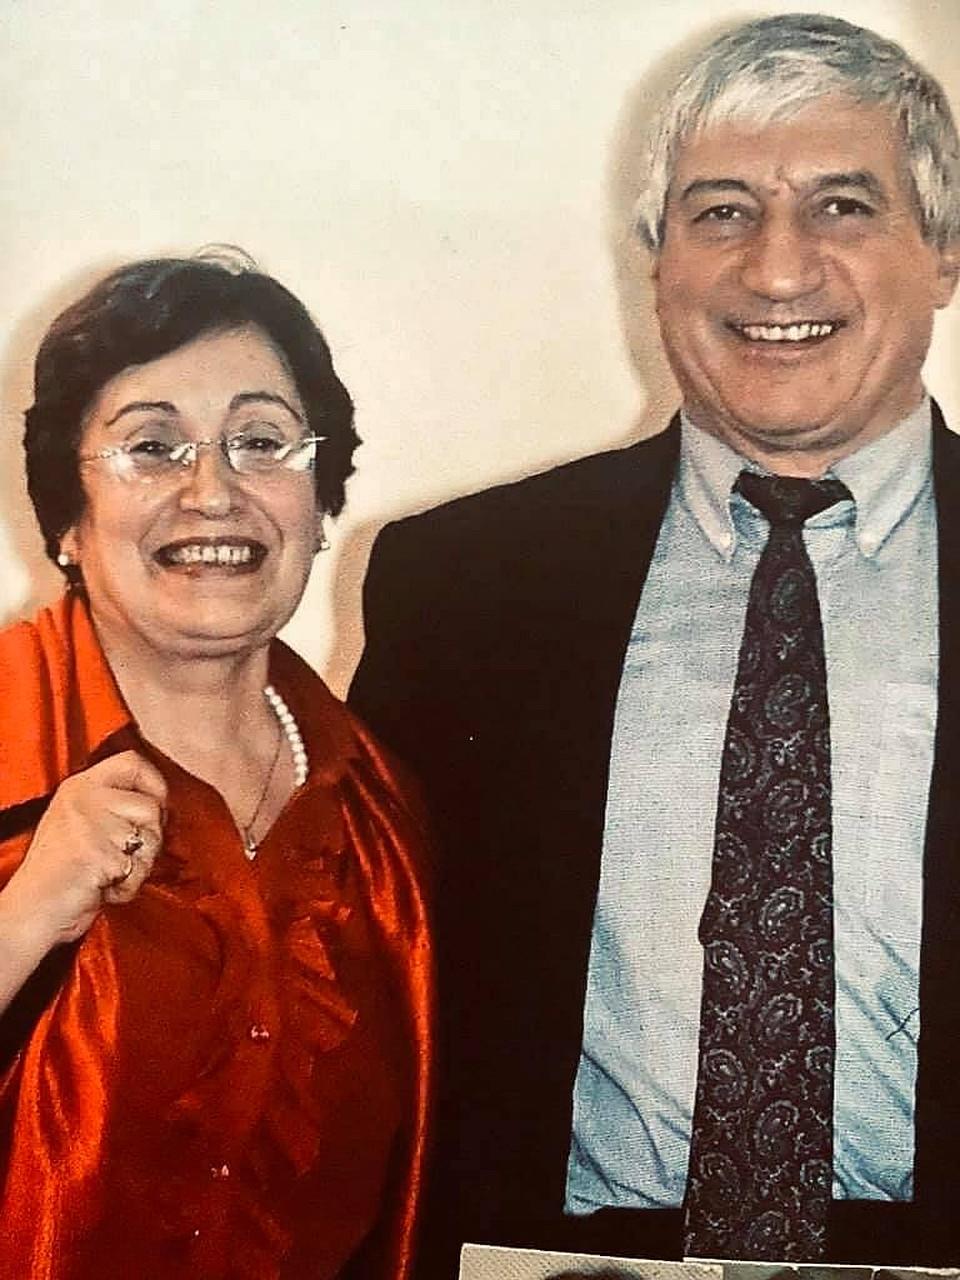 Асратян Арпик с мужем